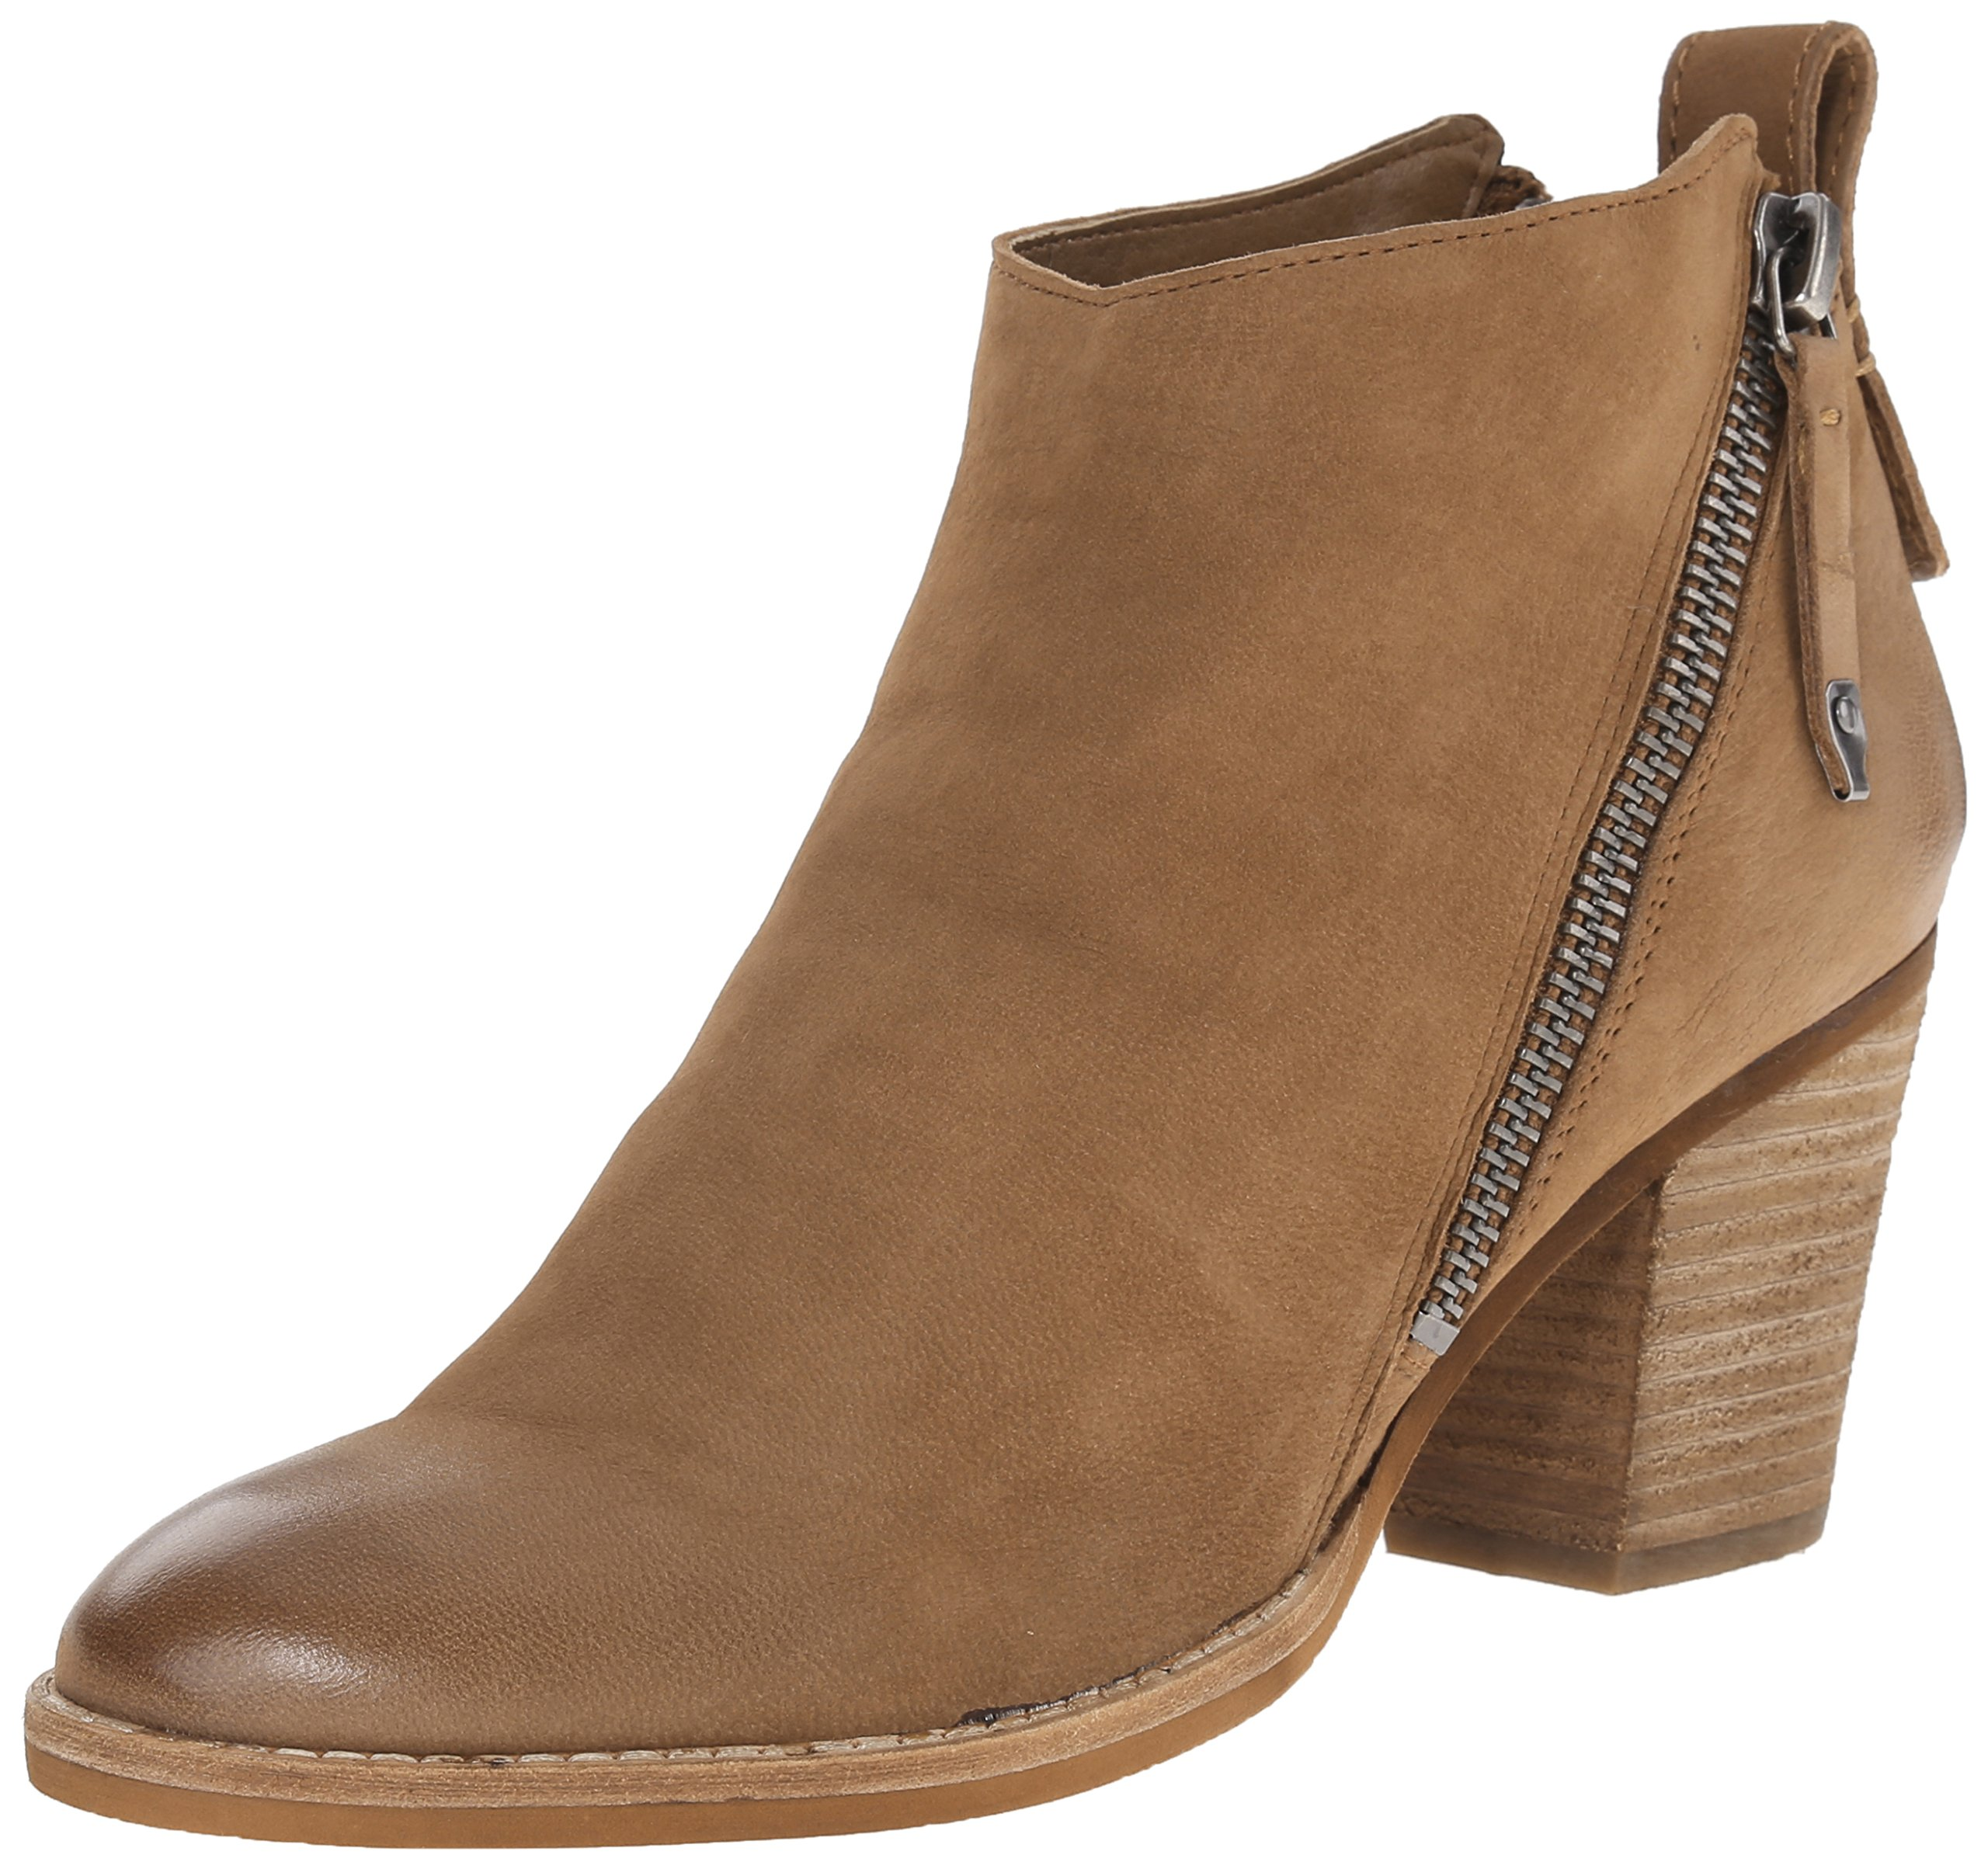 Dolce Vita Women's Jaegar Boot, Teak, 7 M US